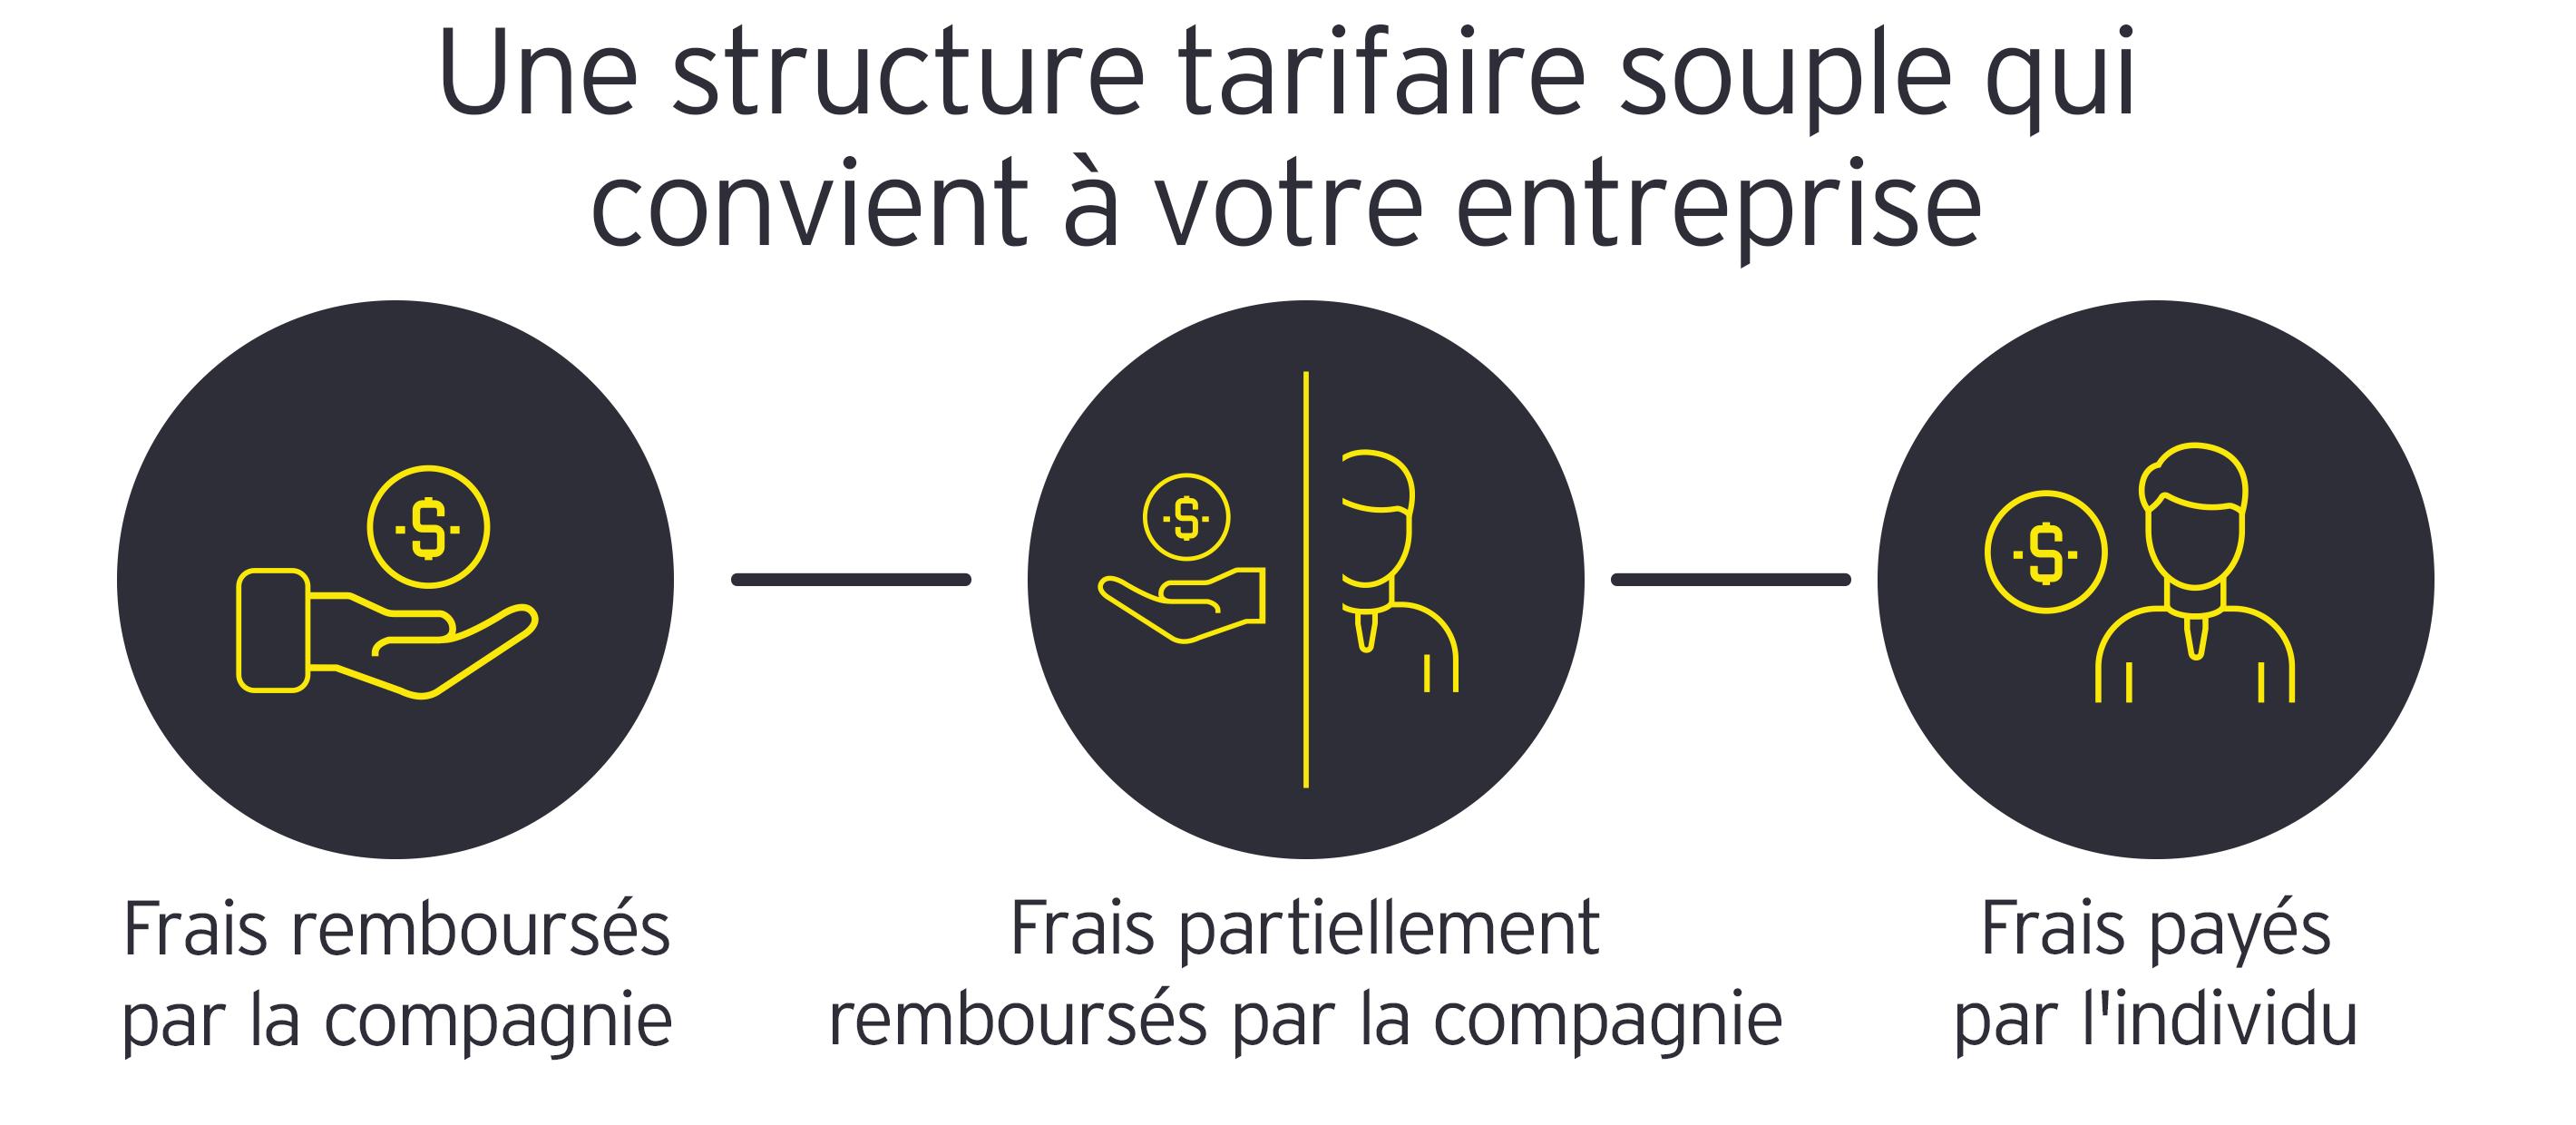 EY TaxChat - Une structure tarifaire souple qui convient à votre entreprise